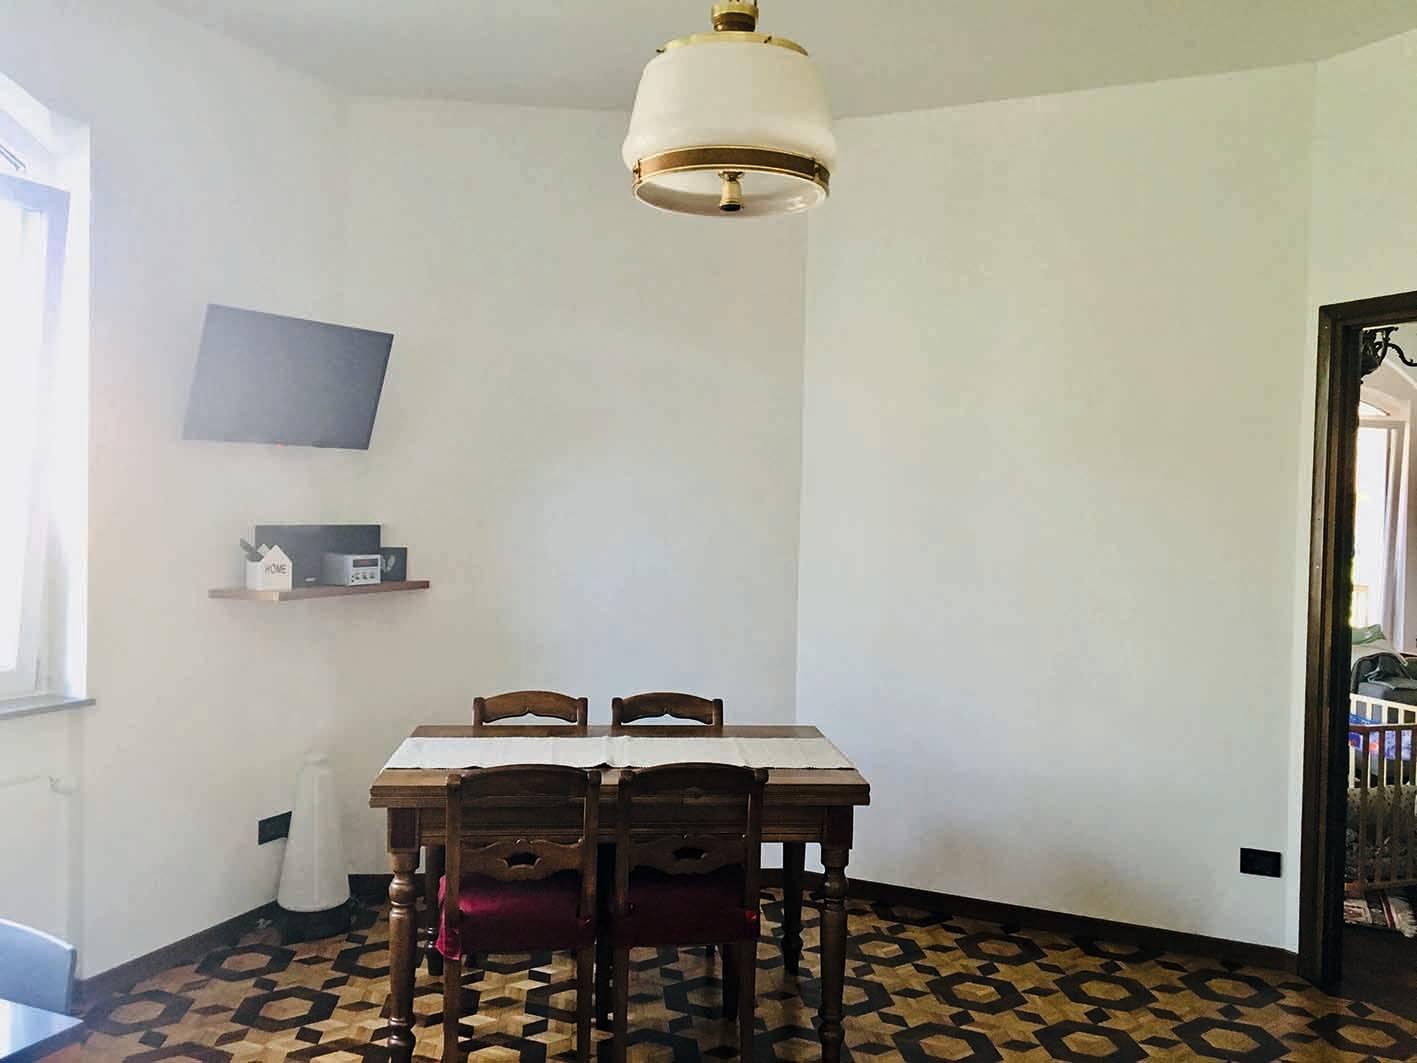 Come Decorare Una Parete una decorazione contemporanea per la parete - cose di casa